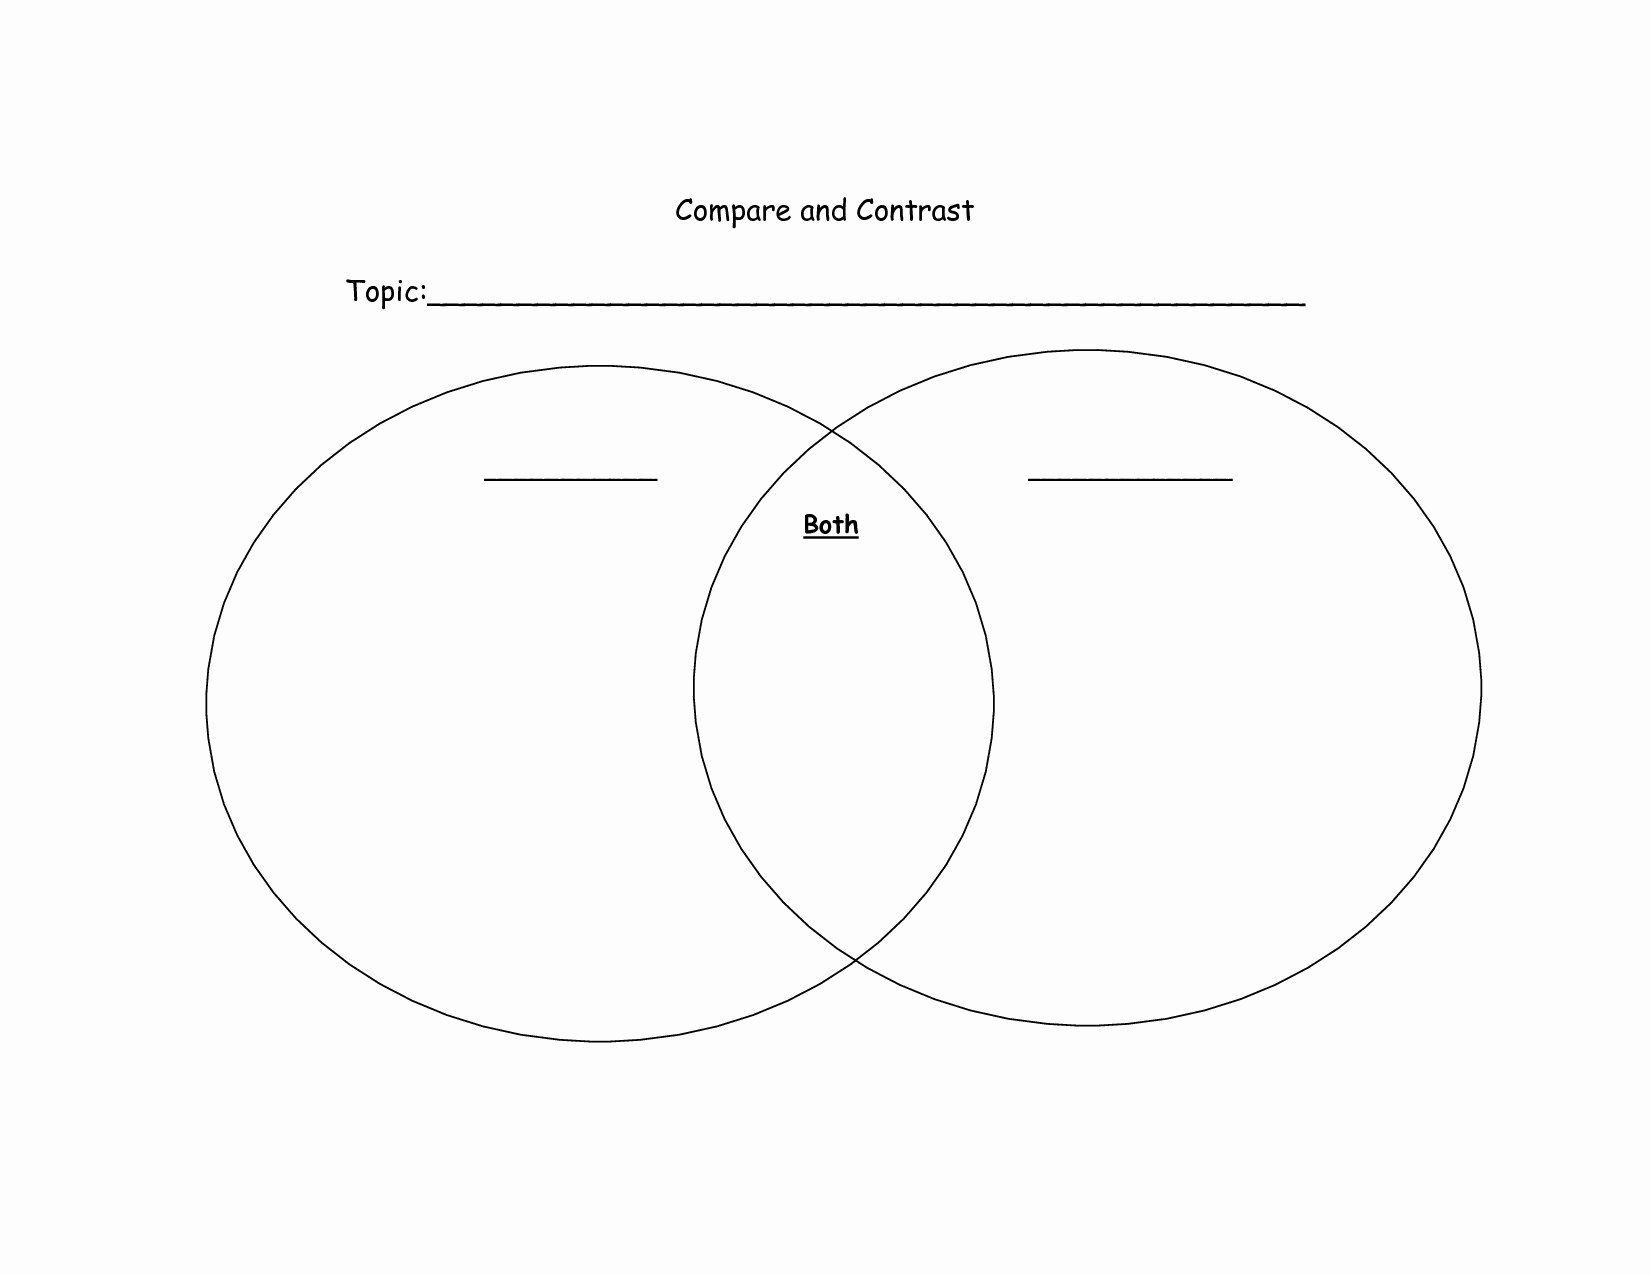 Venn Diagram Template Doc Best Of Venn Diagram Templates Venn Diagram Template Doc Thefreedl Venn Diagram Template Venn Diagram Diagram